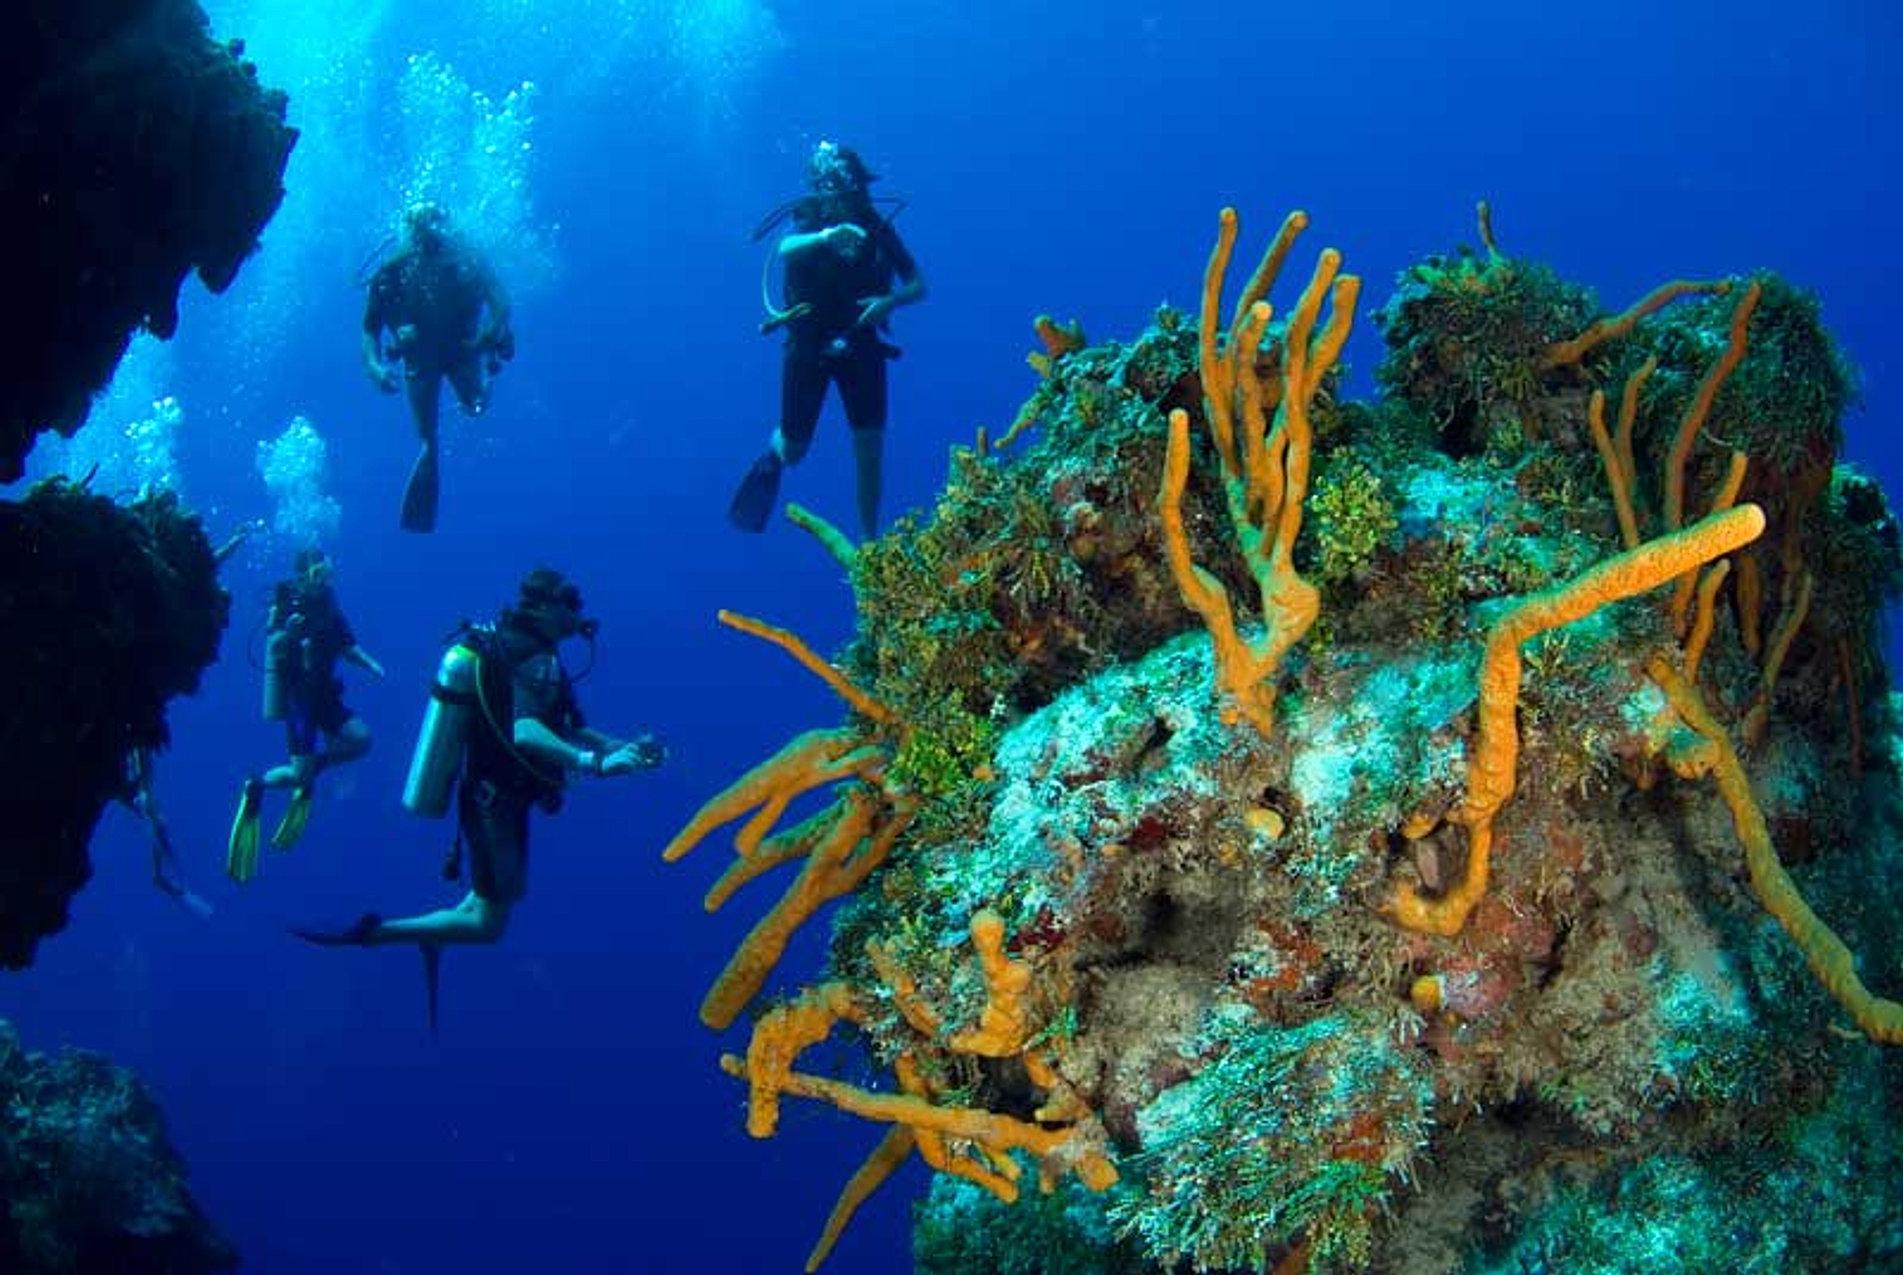 Cozumel diving scuba cancun total - Cozumel dive packages ...